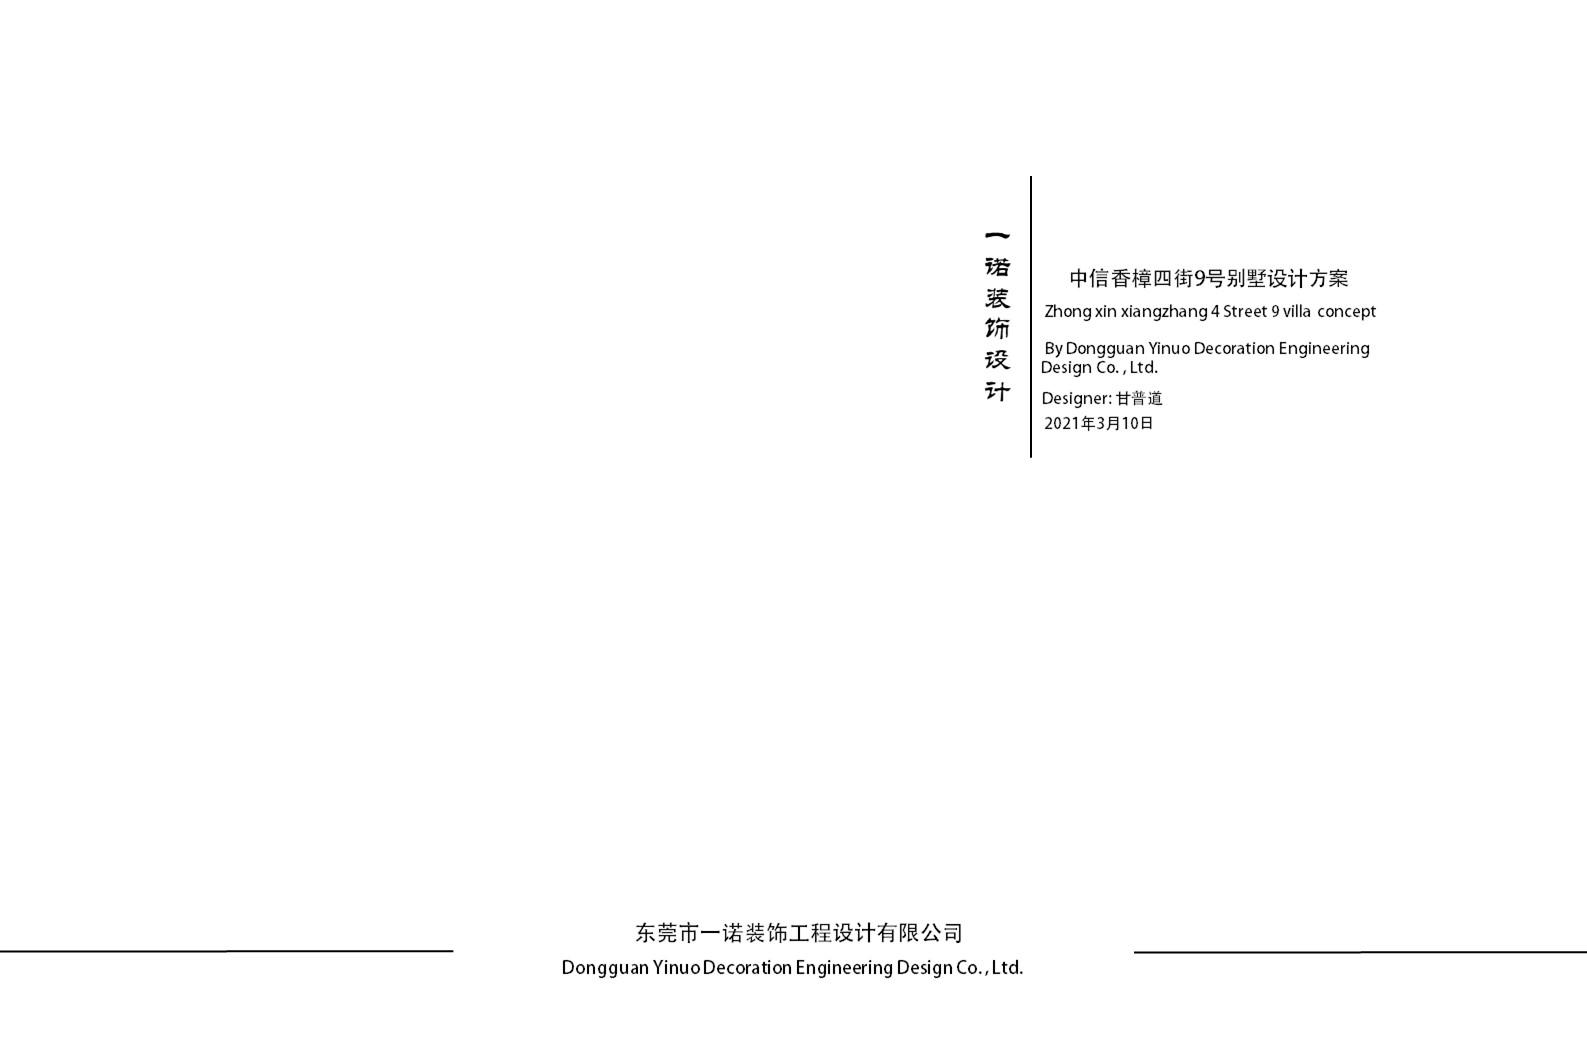 中信香樟墅四街9号